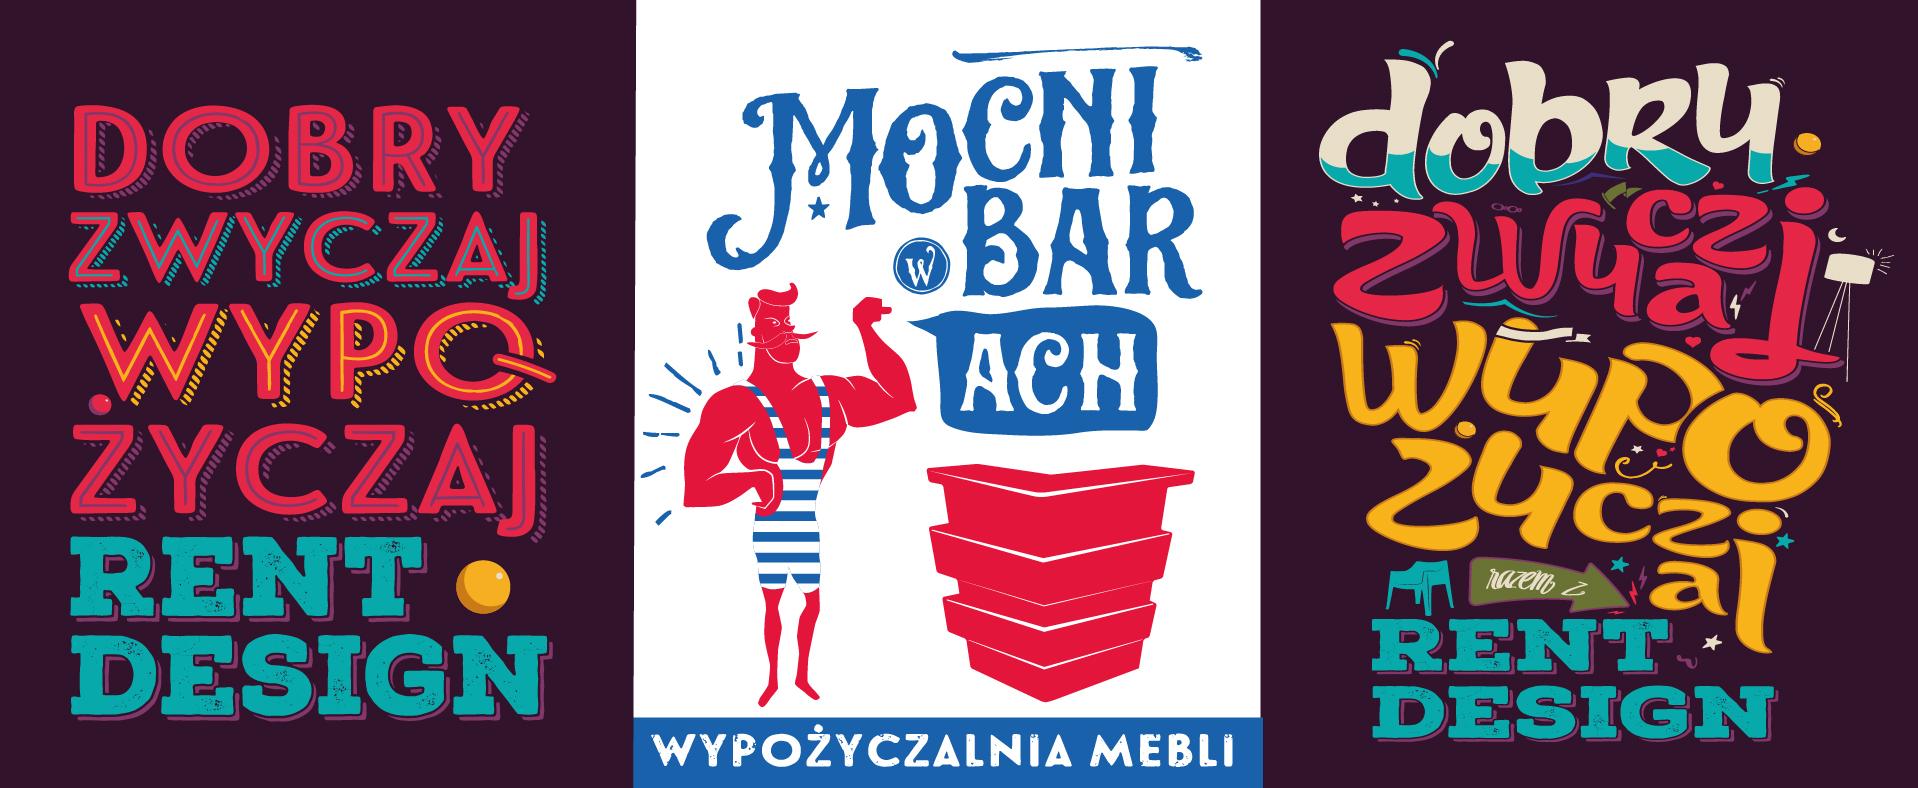 mocniwBARACH-06-01